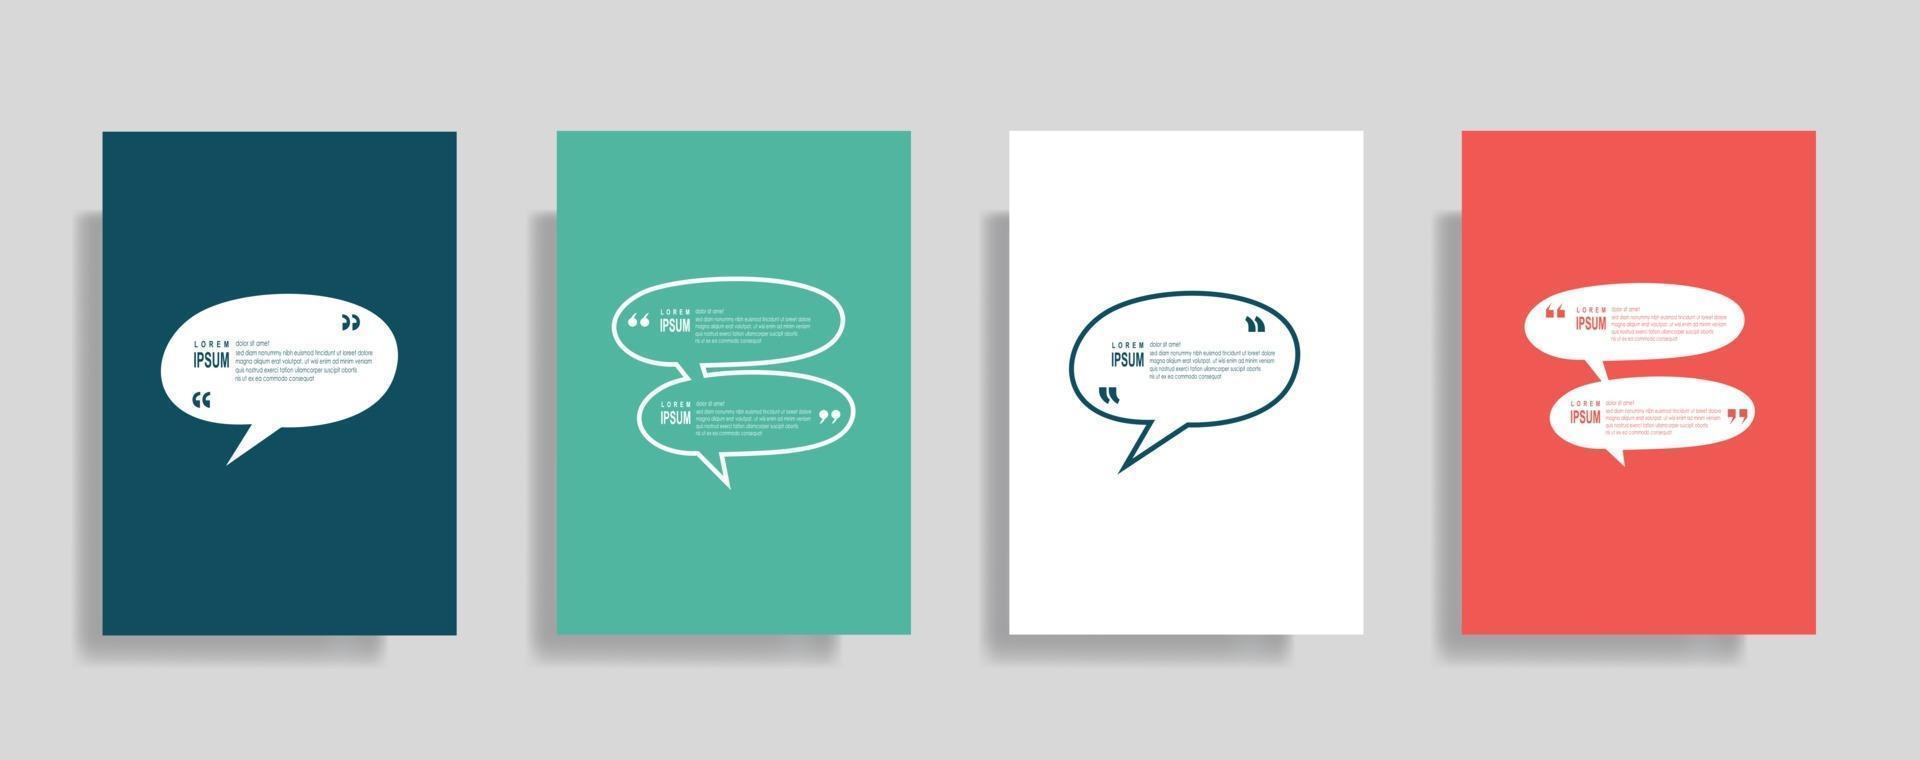 Anführungszeichen Rahmen leere Vorlagen gesetzt, Text in Klammern, Zitat leere Sprechblasen. Text bos isoliert auf Farbhintergrund. vektor